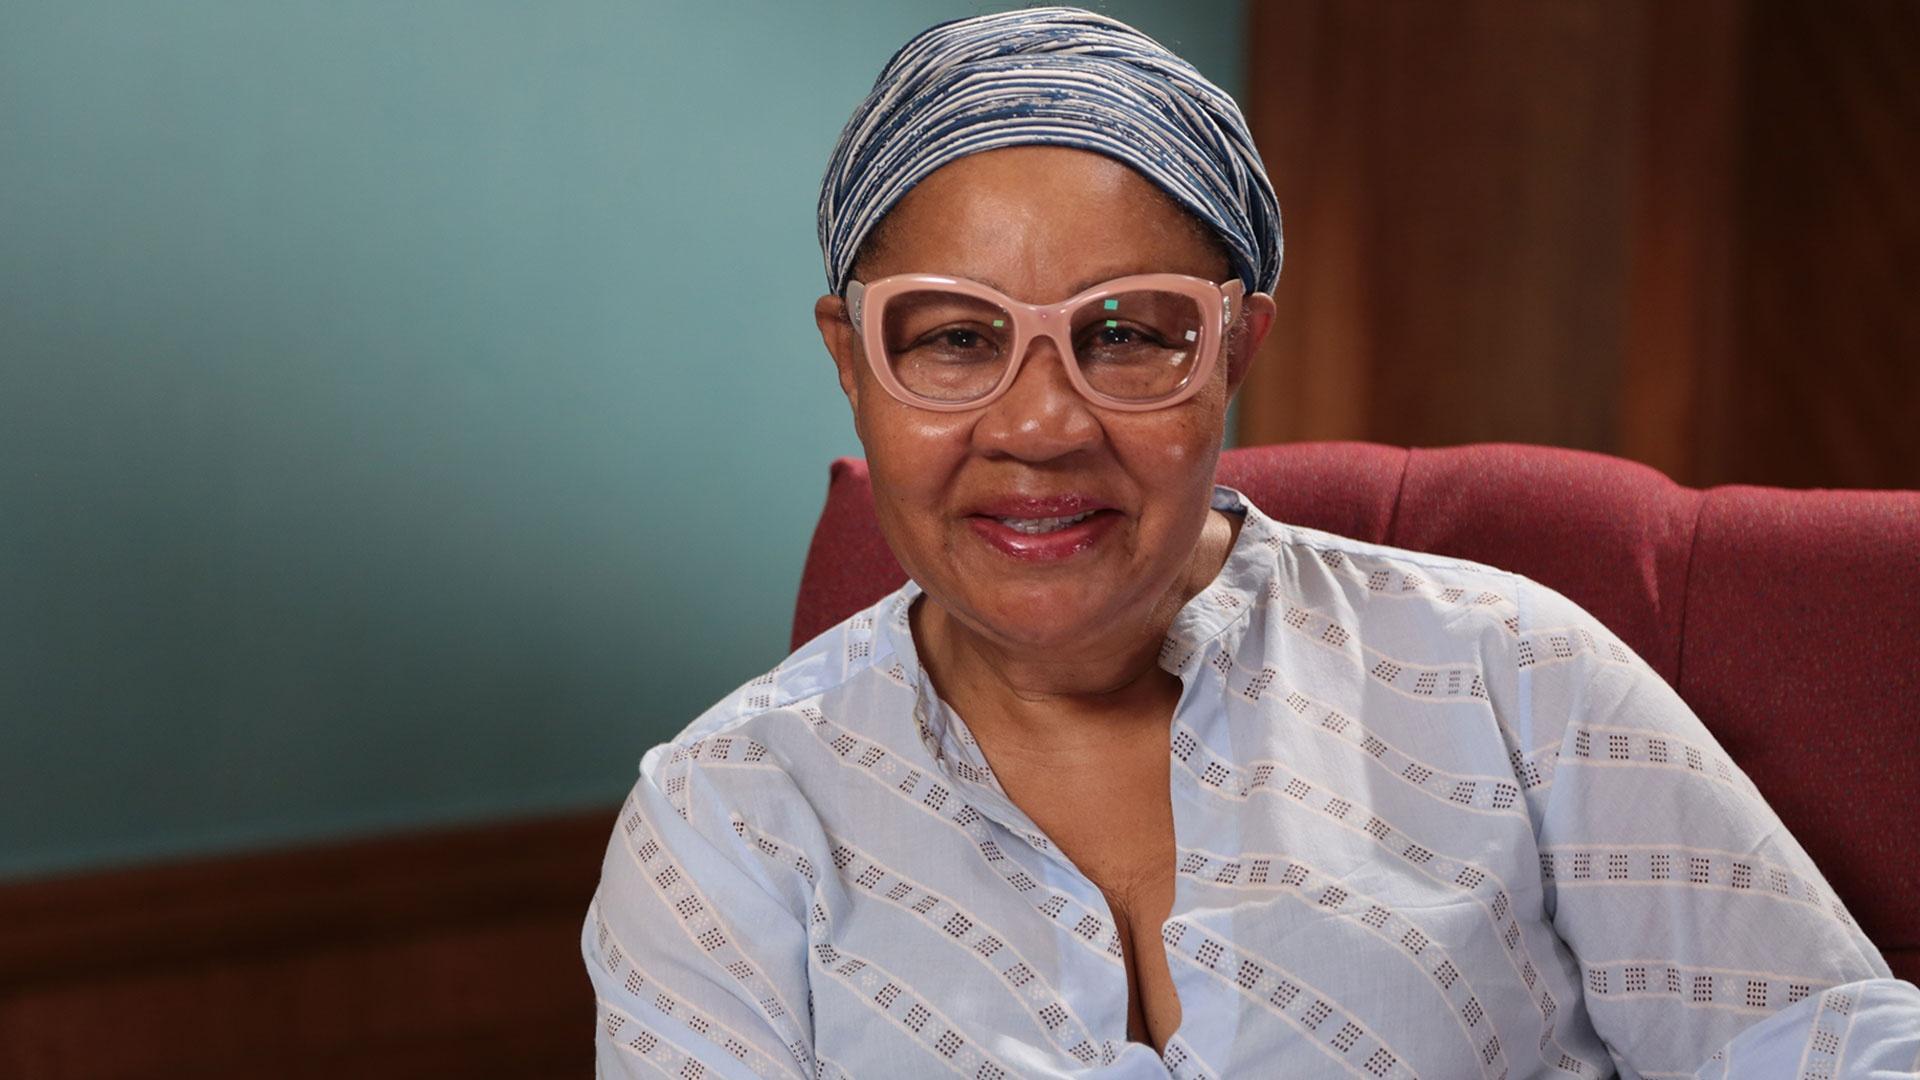 jamaica kincaid 30062018 fiercely original jamaica kincaid on her first novel in a decade.